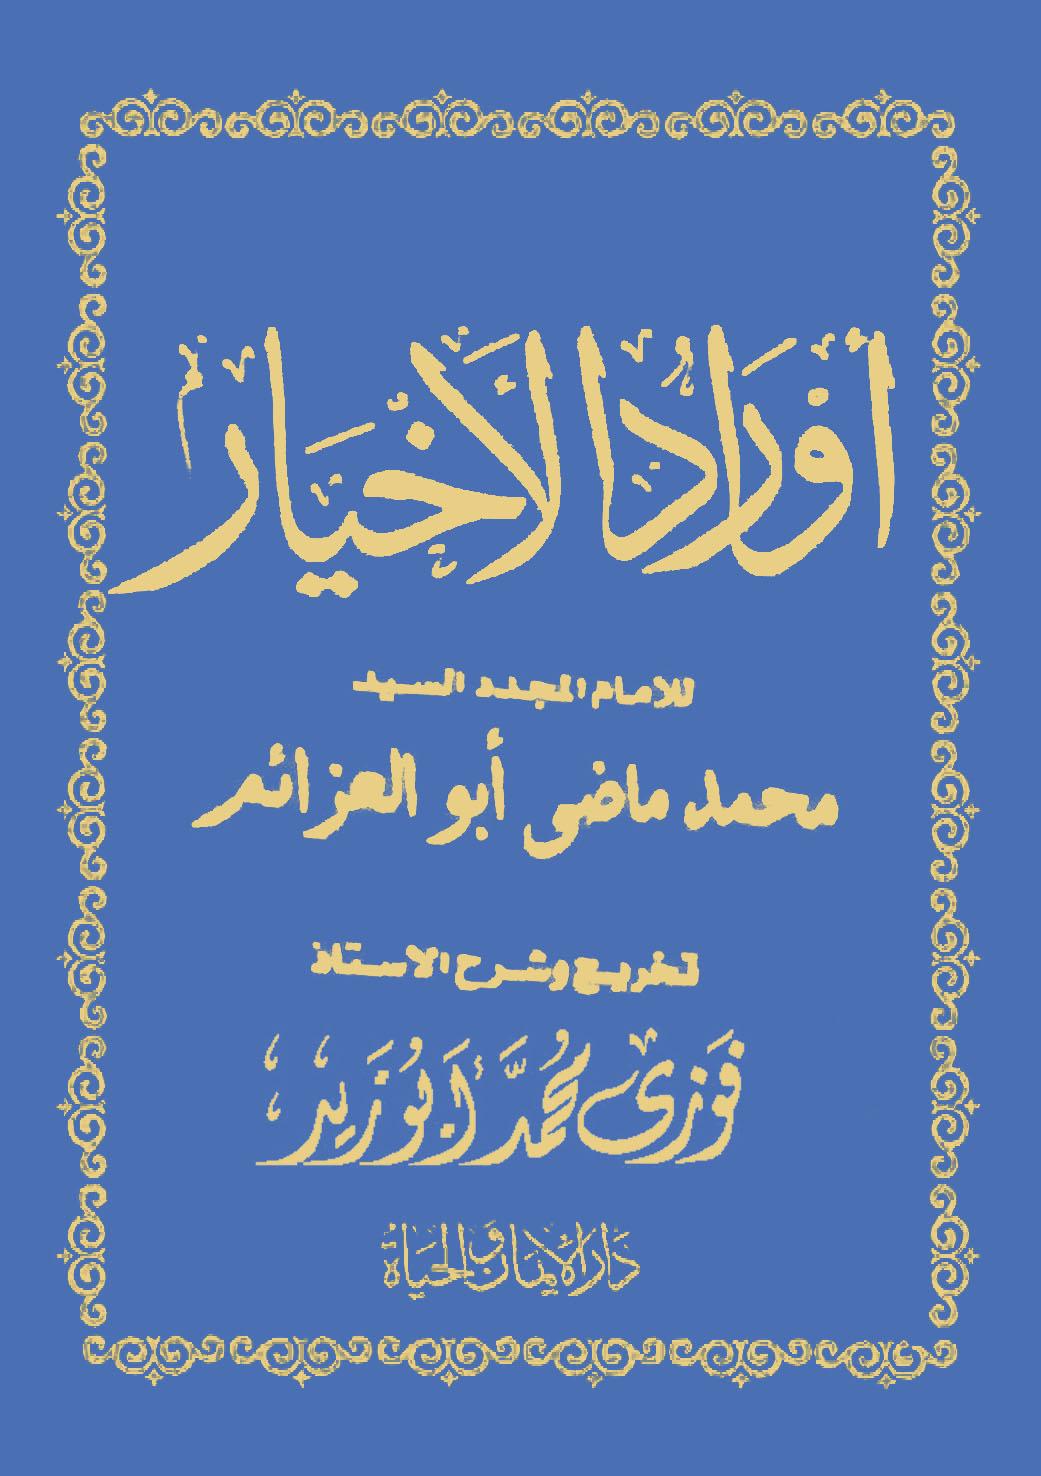 روابط تحميل كتب فضيلة الشيخ فوزي محمد أبوزيد  Book_%20Awrad%20Elkhayar